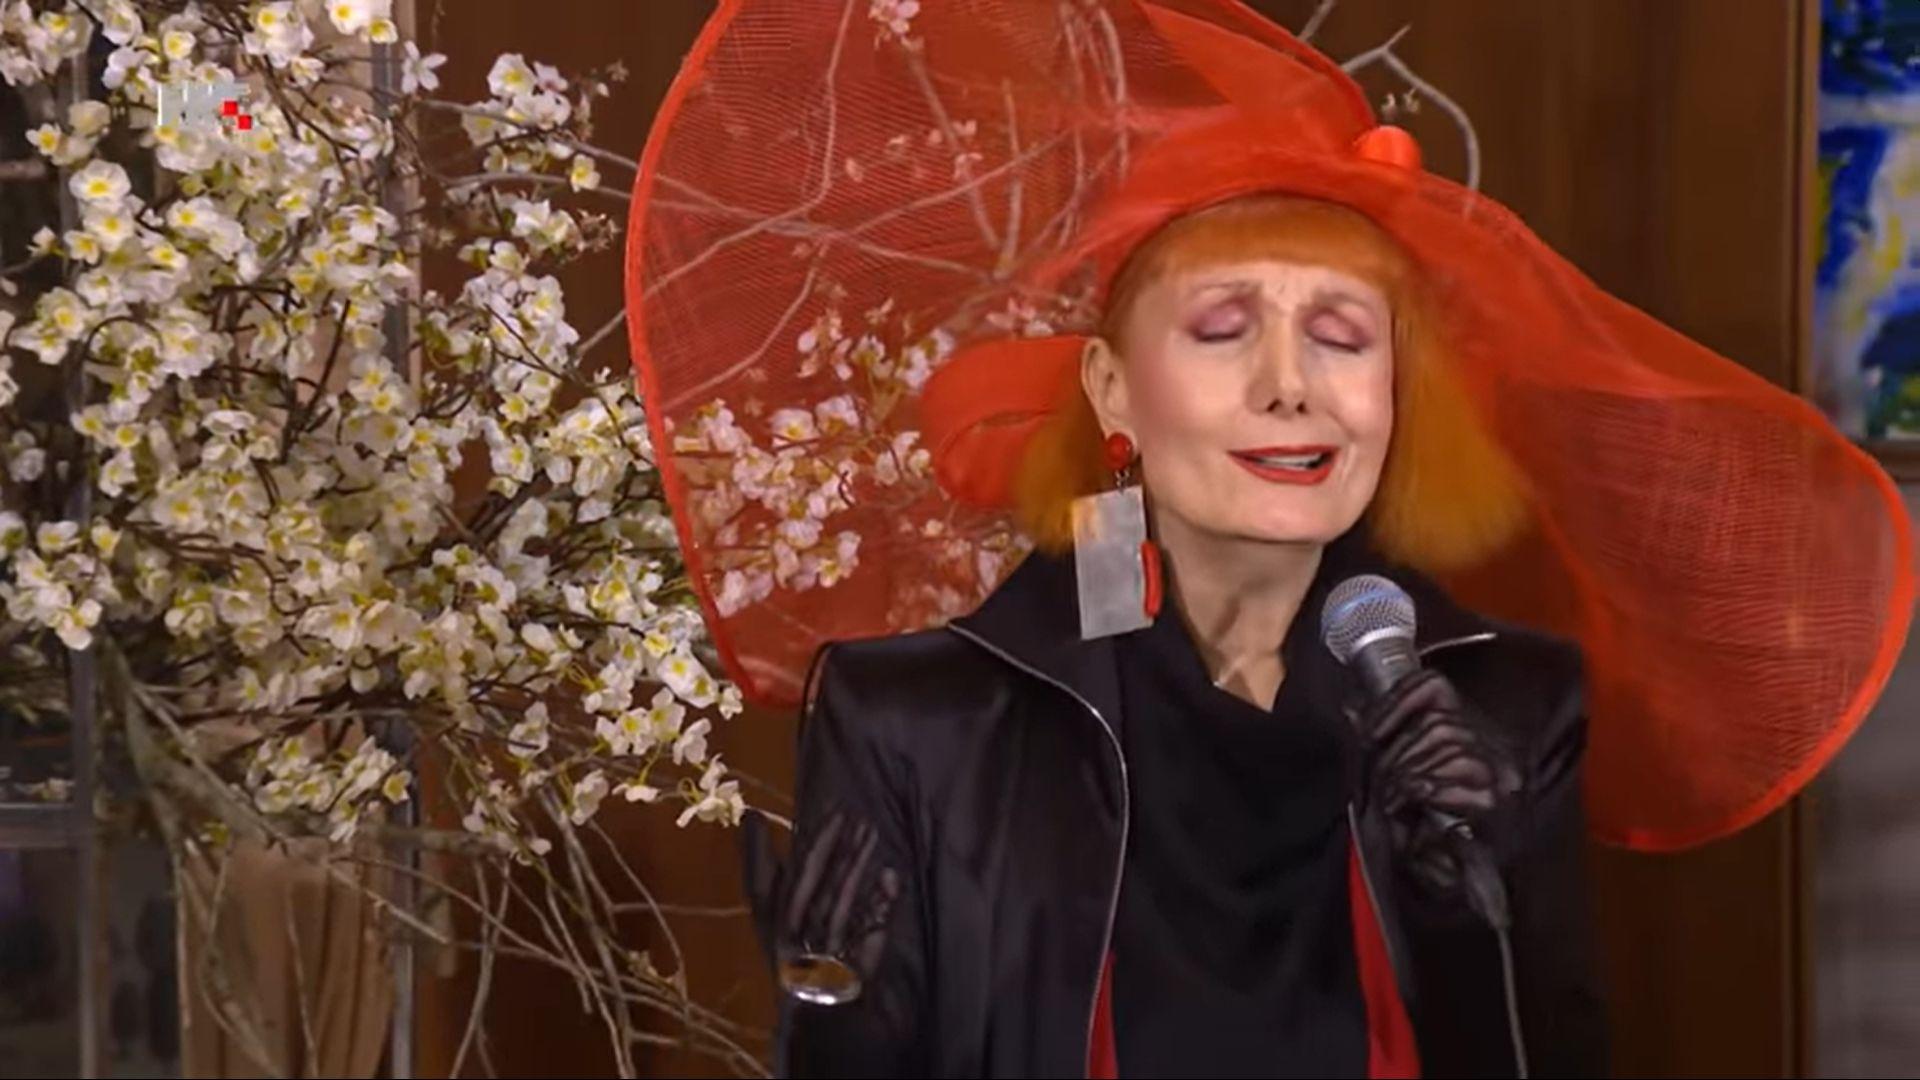 Feljelentették az új horvát elnök beiktatásán a himnuszt éneklő horvát énekesnőt